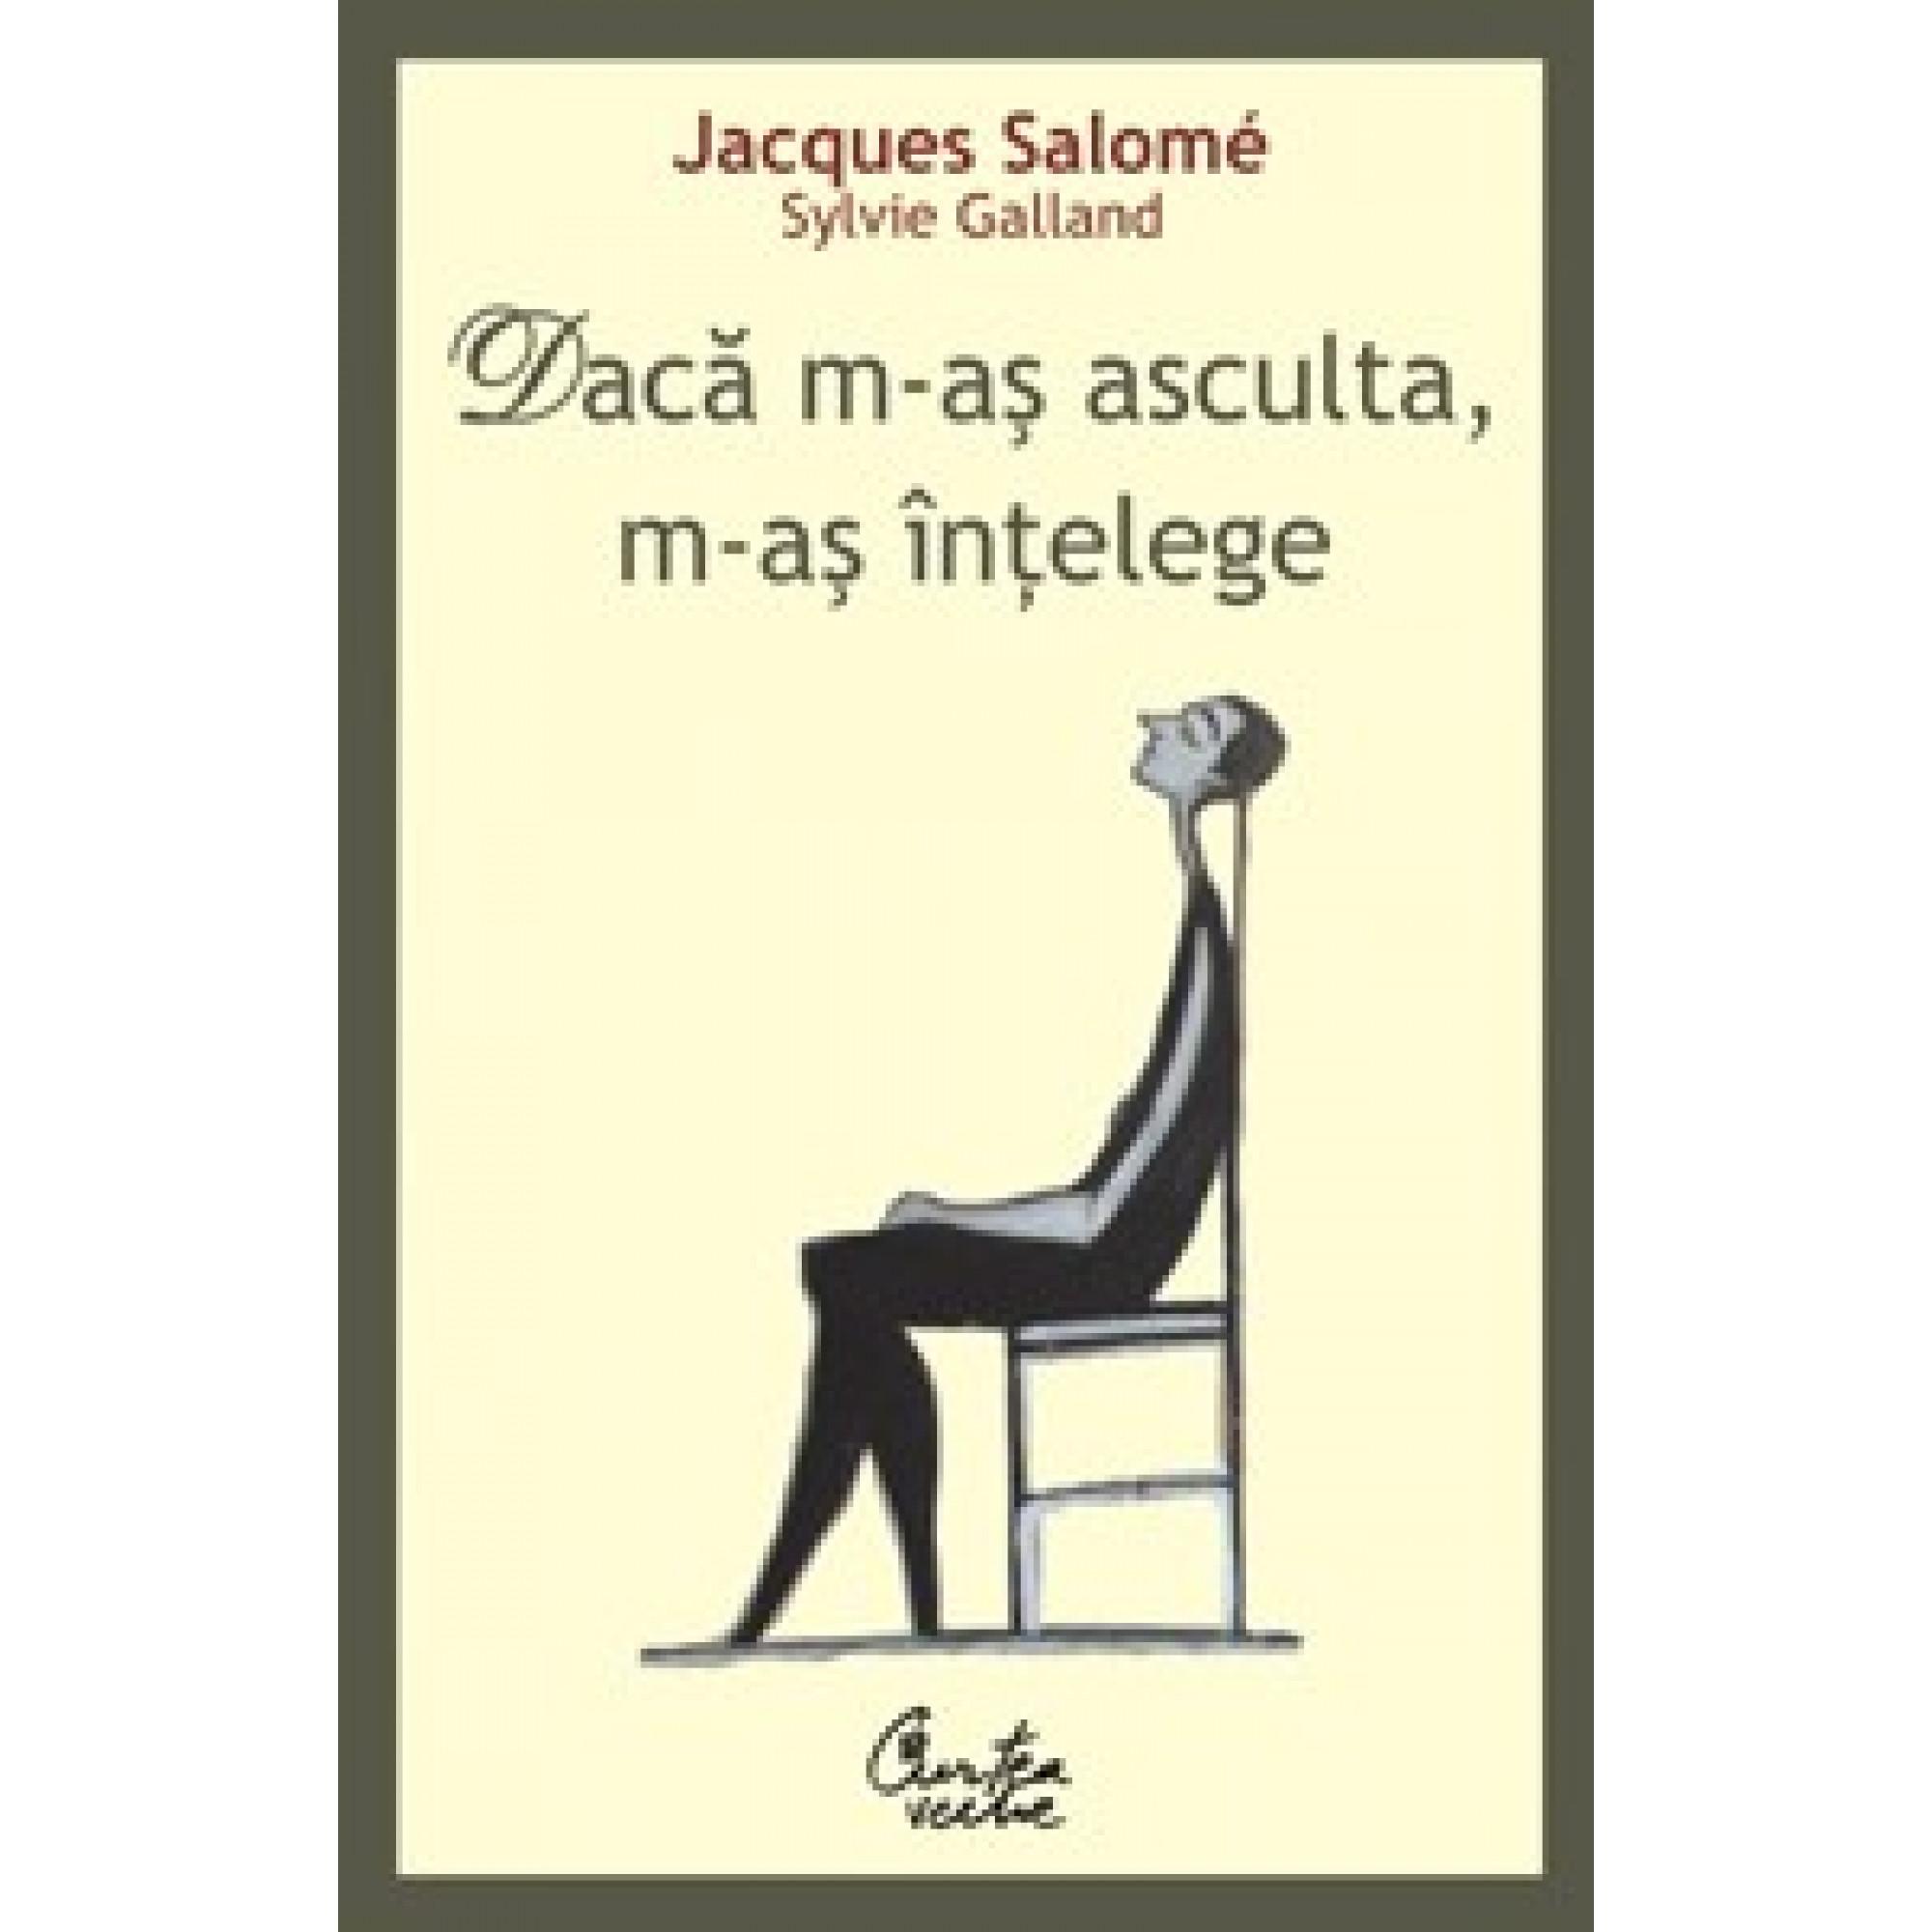 Dacă m-aş asculta, m-aş înţelege; Jacques Salomé, Sylvie Galland